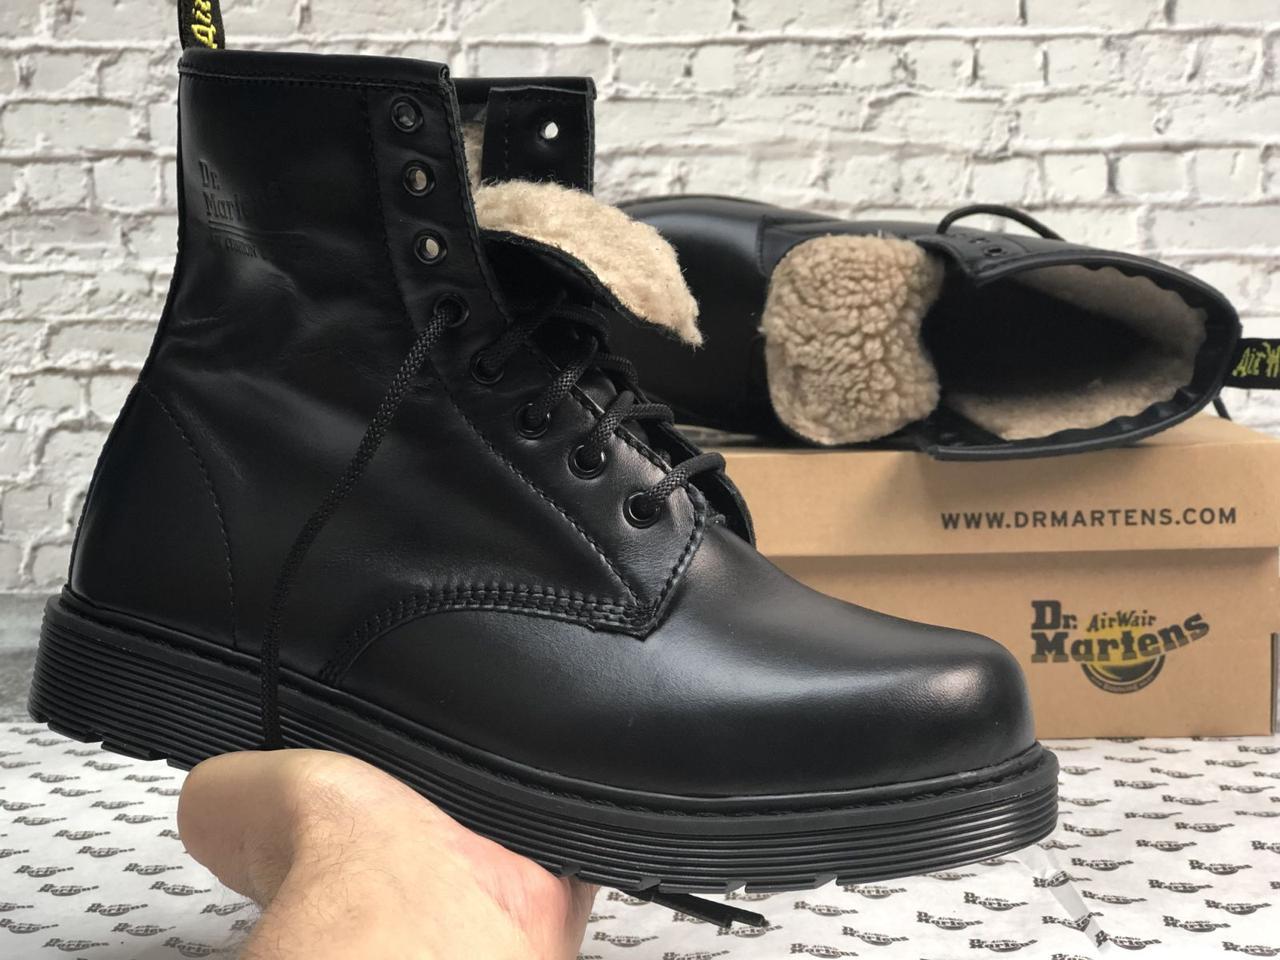 Мужские ботинки Dr.Martens Dr.Martens черные кожа, зима.  ТОП Реплика ААА класса.